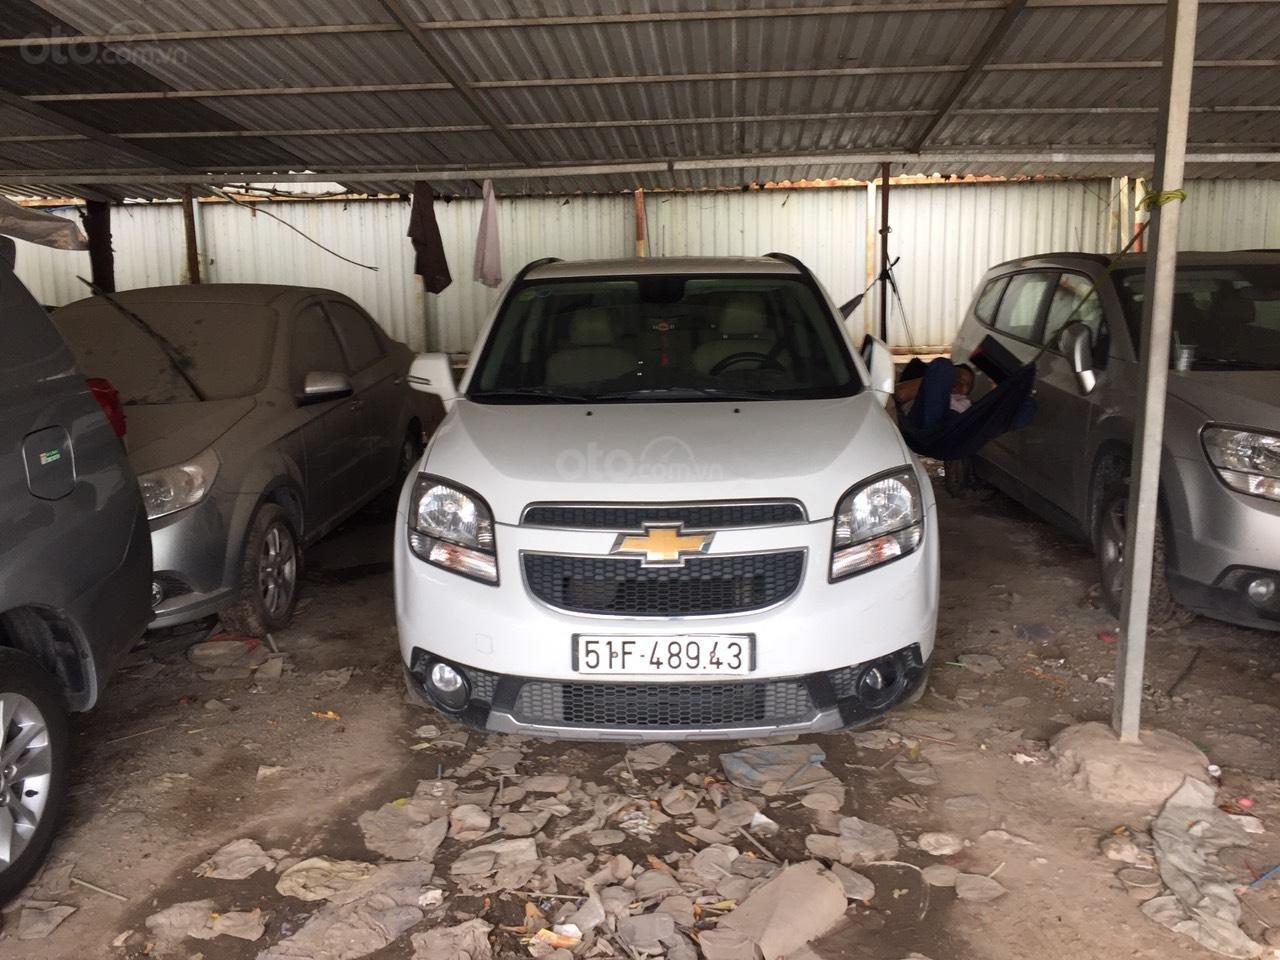 Cần bán xe Chevrolet Orlando năm sản xuất 2017, màu trắng, giá 410tr (1)